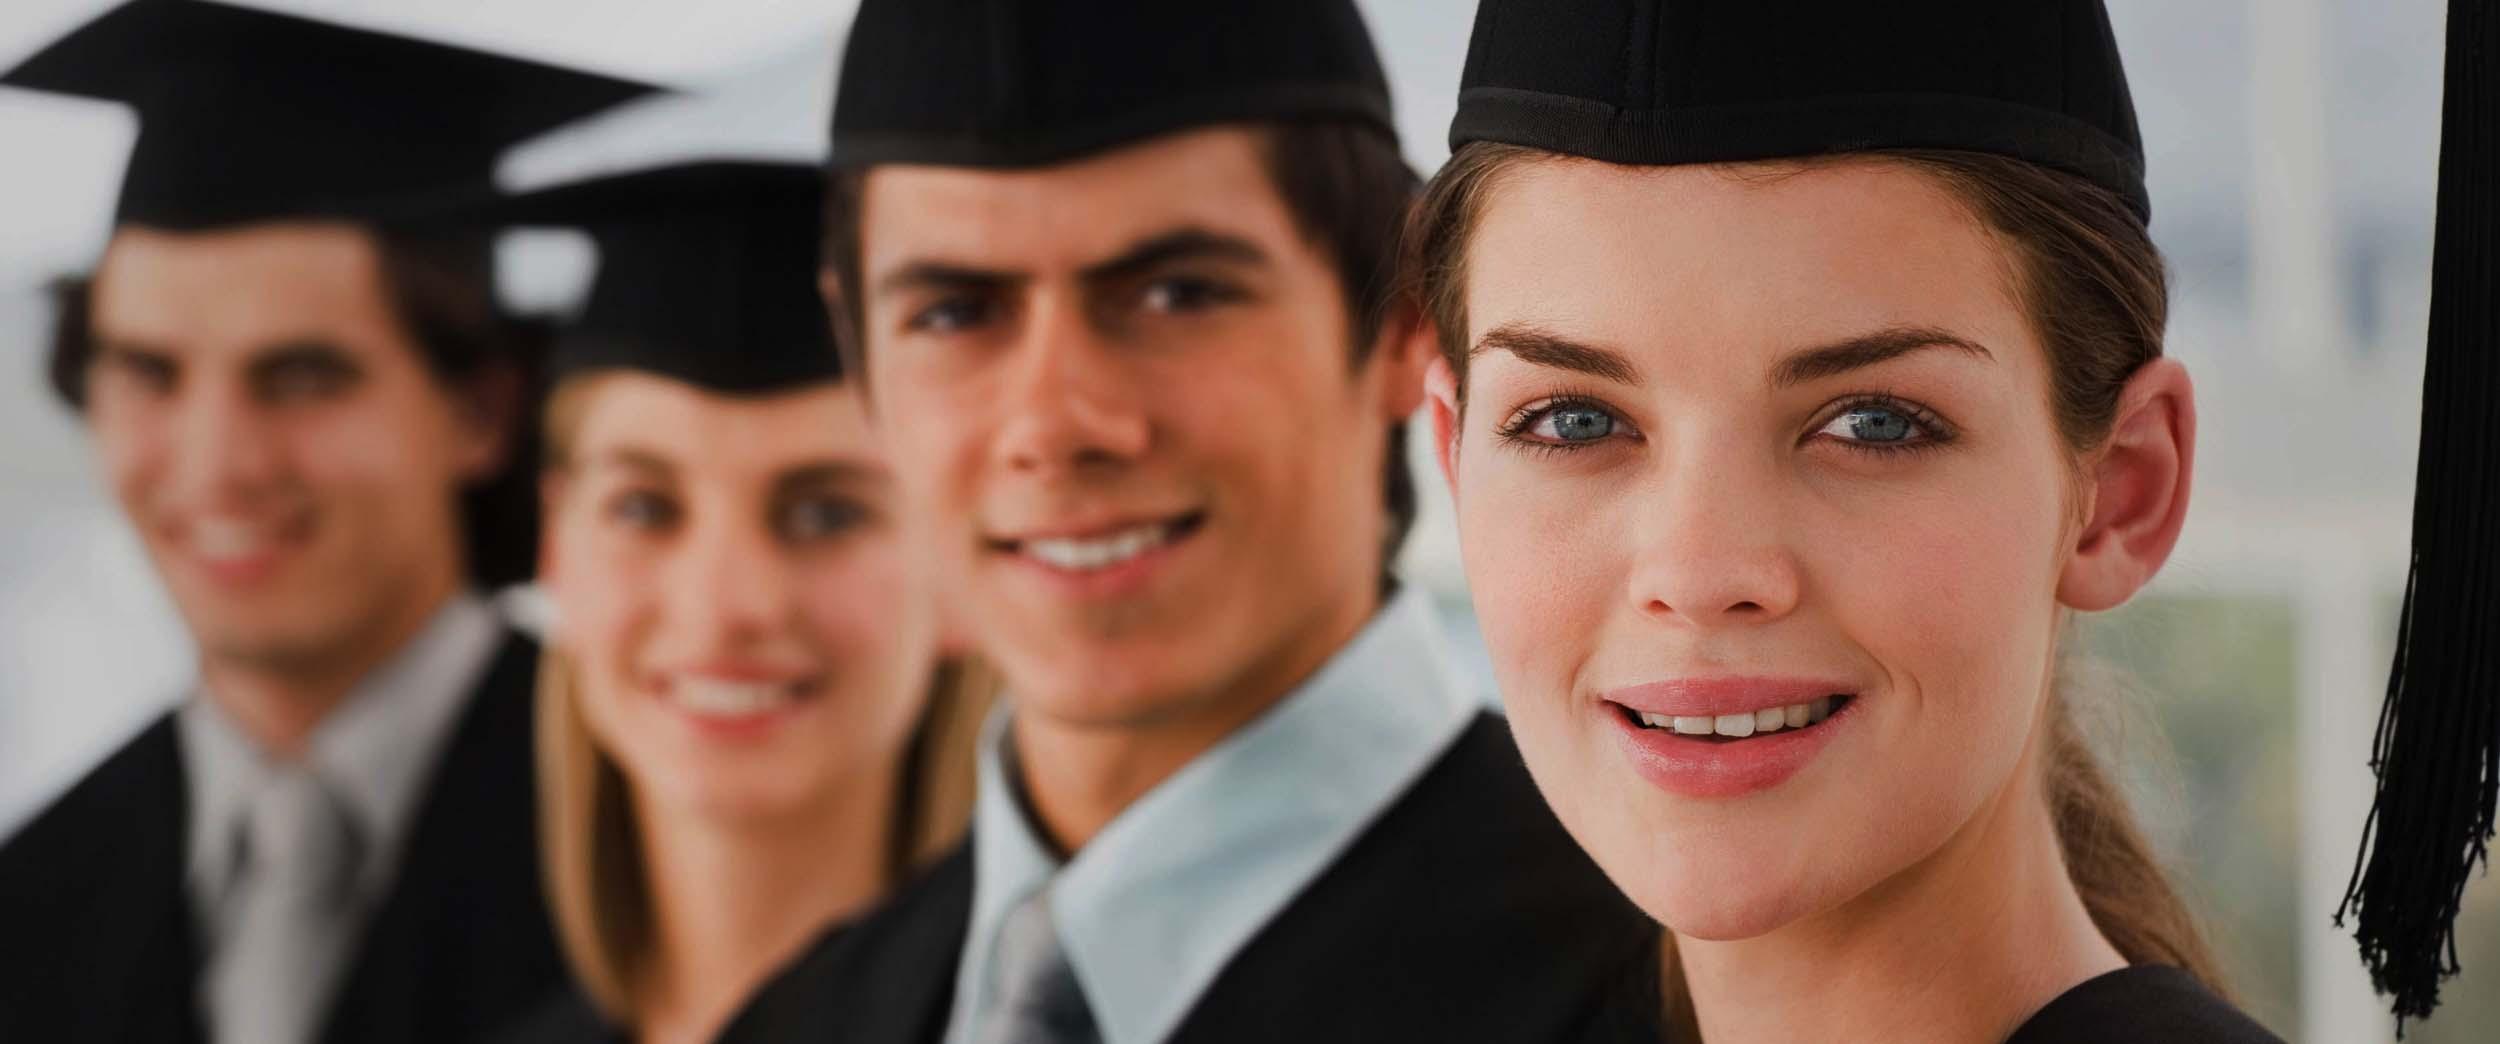 تحصیل در هلند ؛ از بهترین دانشگاه ها تا هزینه های تحصیلی